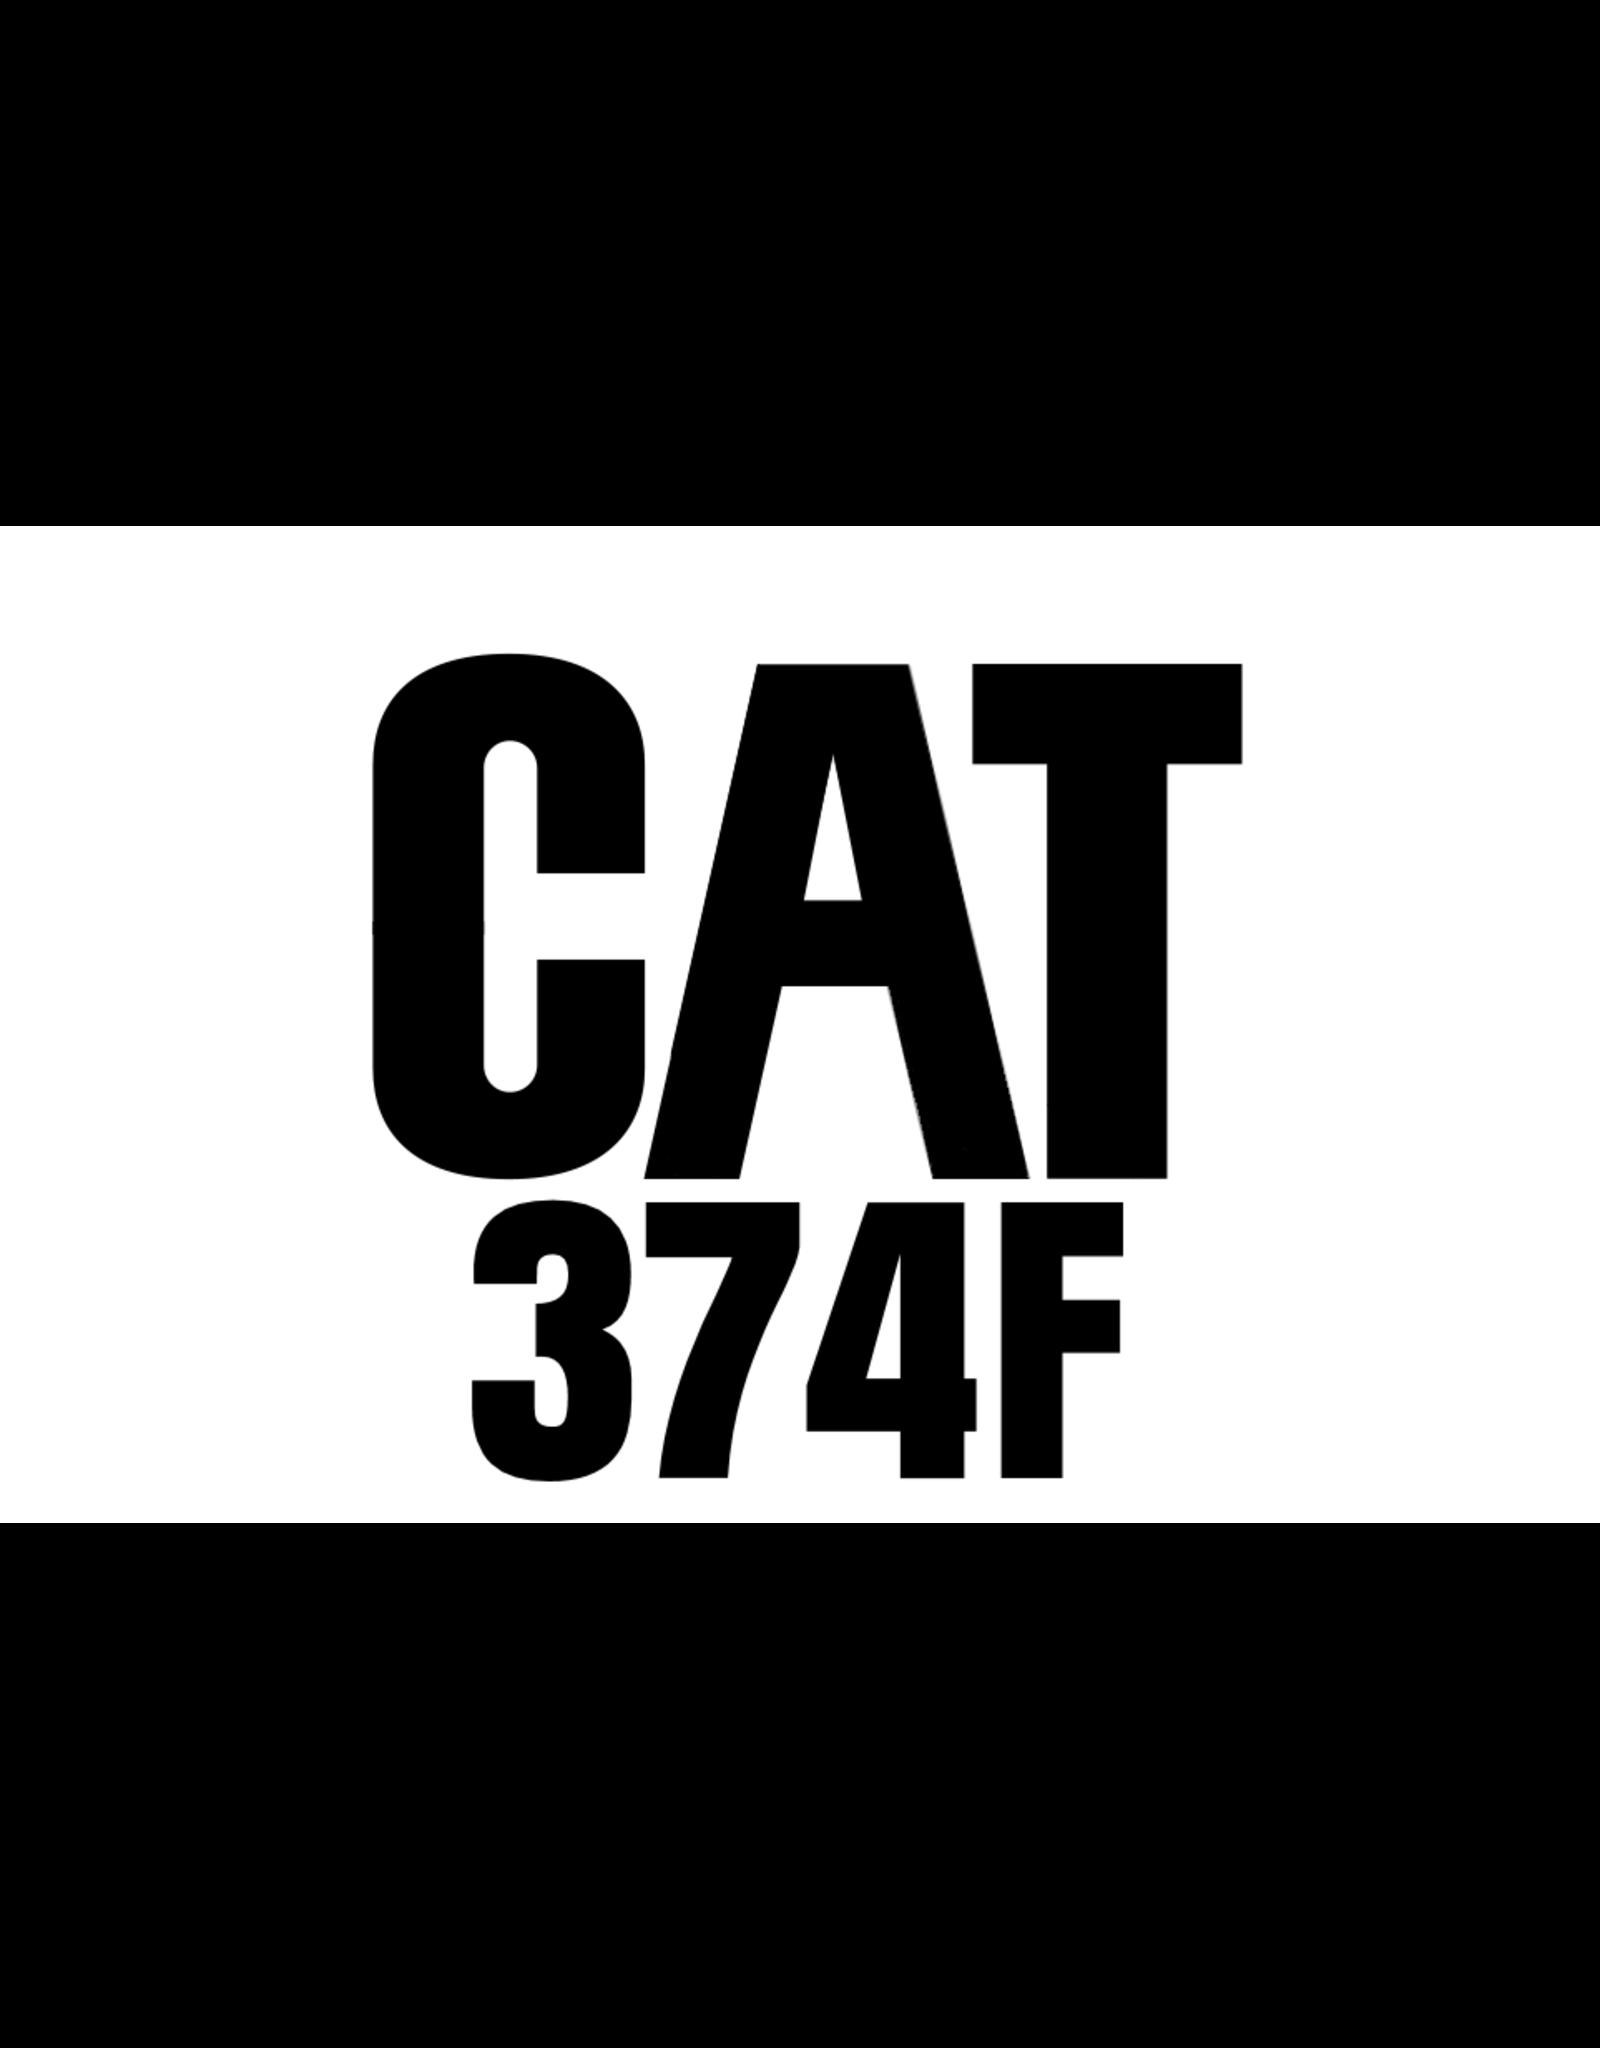 Echle Hartstahl GmbH FOPS pour CAT 374F